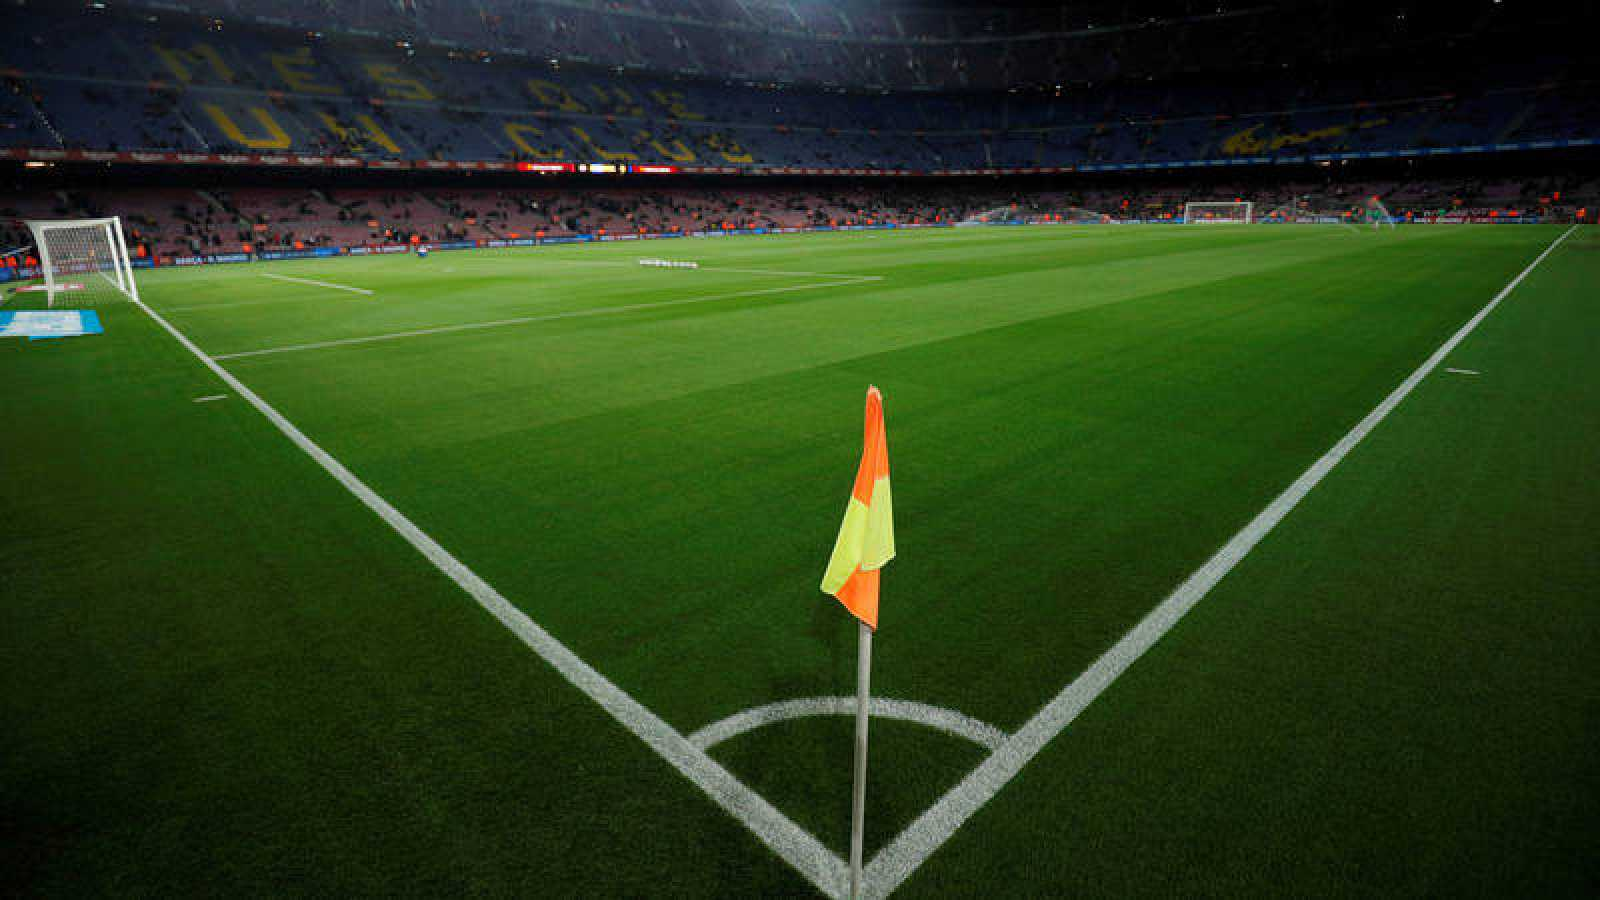 Imagen del Camp Nou antes del partido Barça - Mallorca.